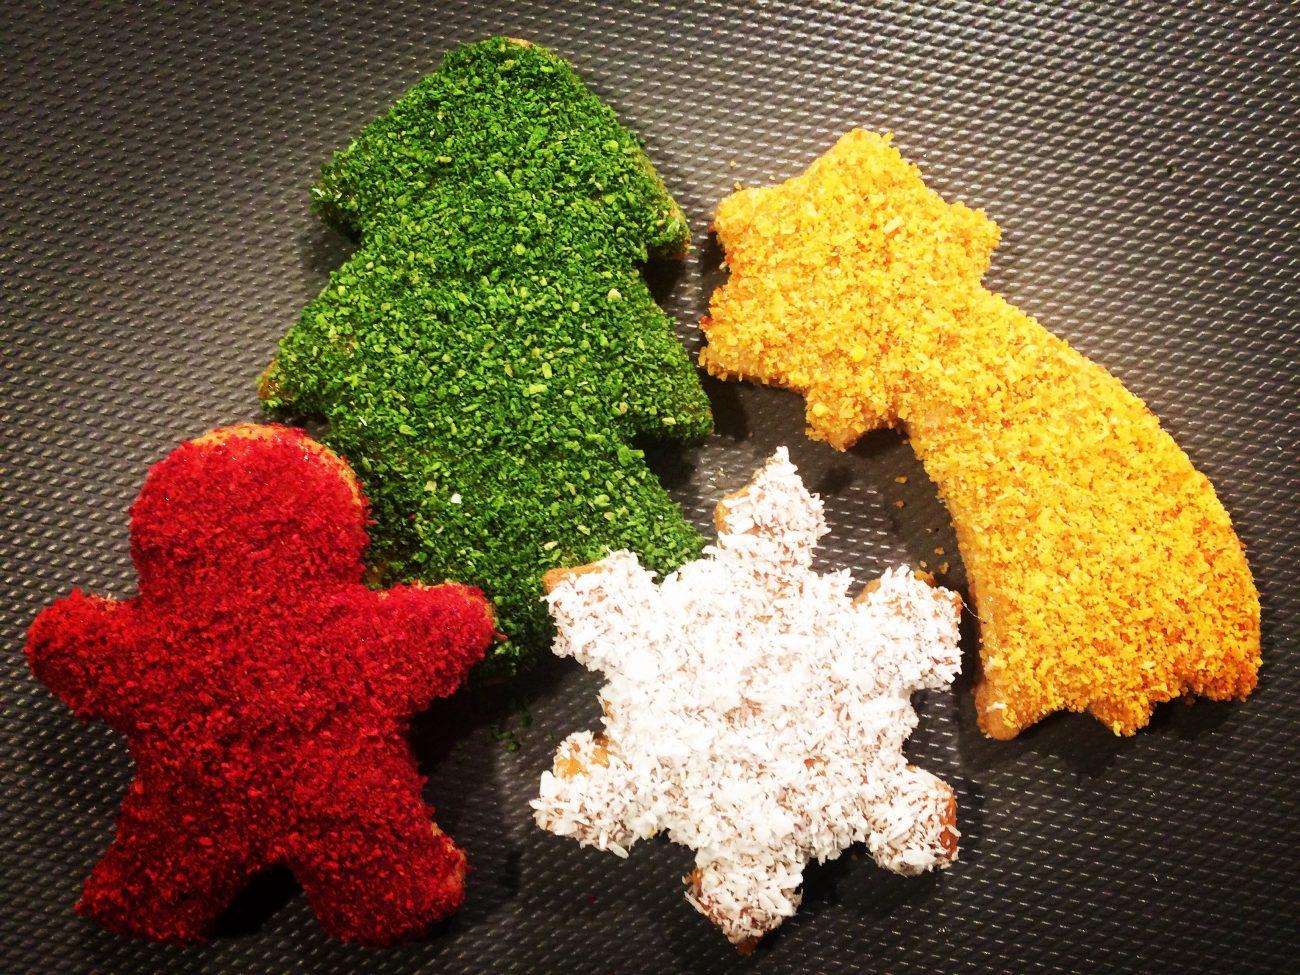 Γιορτινά μπισκοτάκια με φυσικά χρώματα